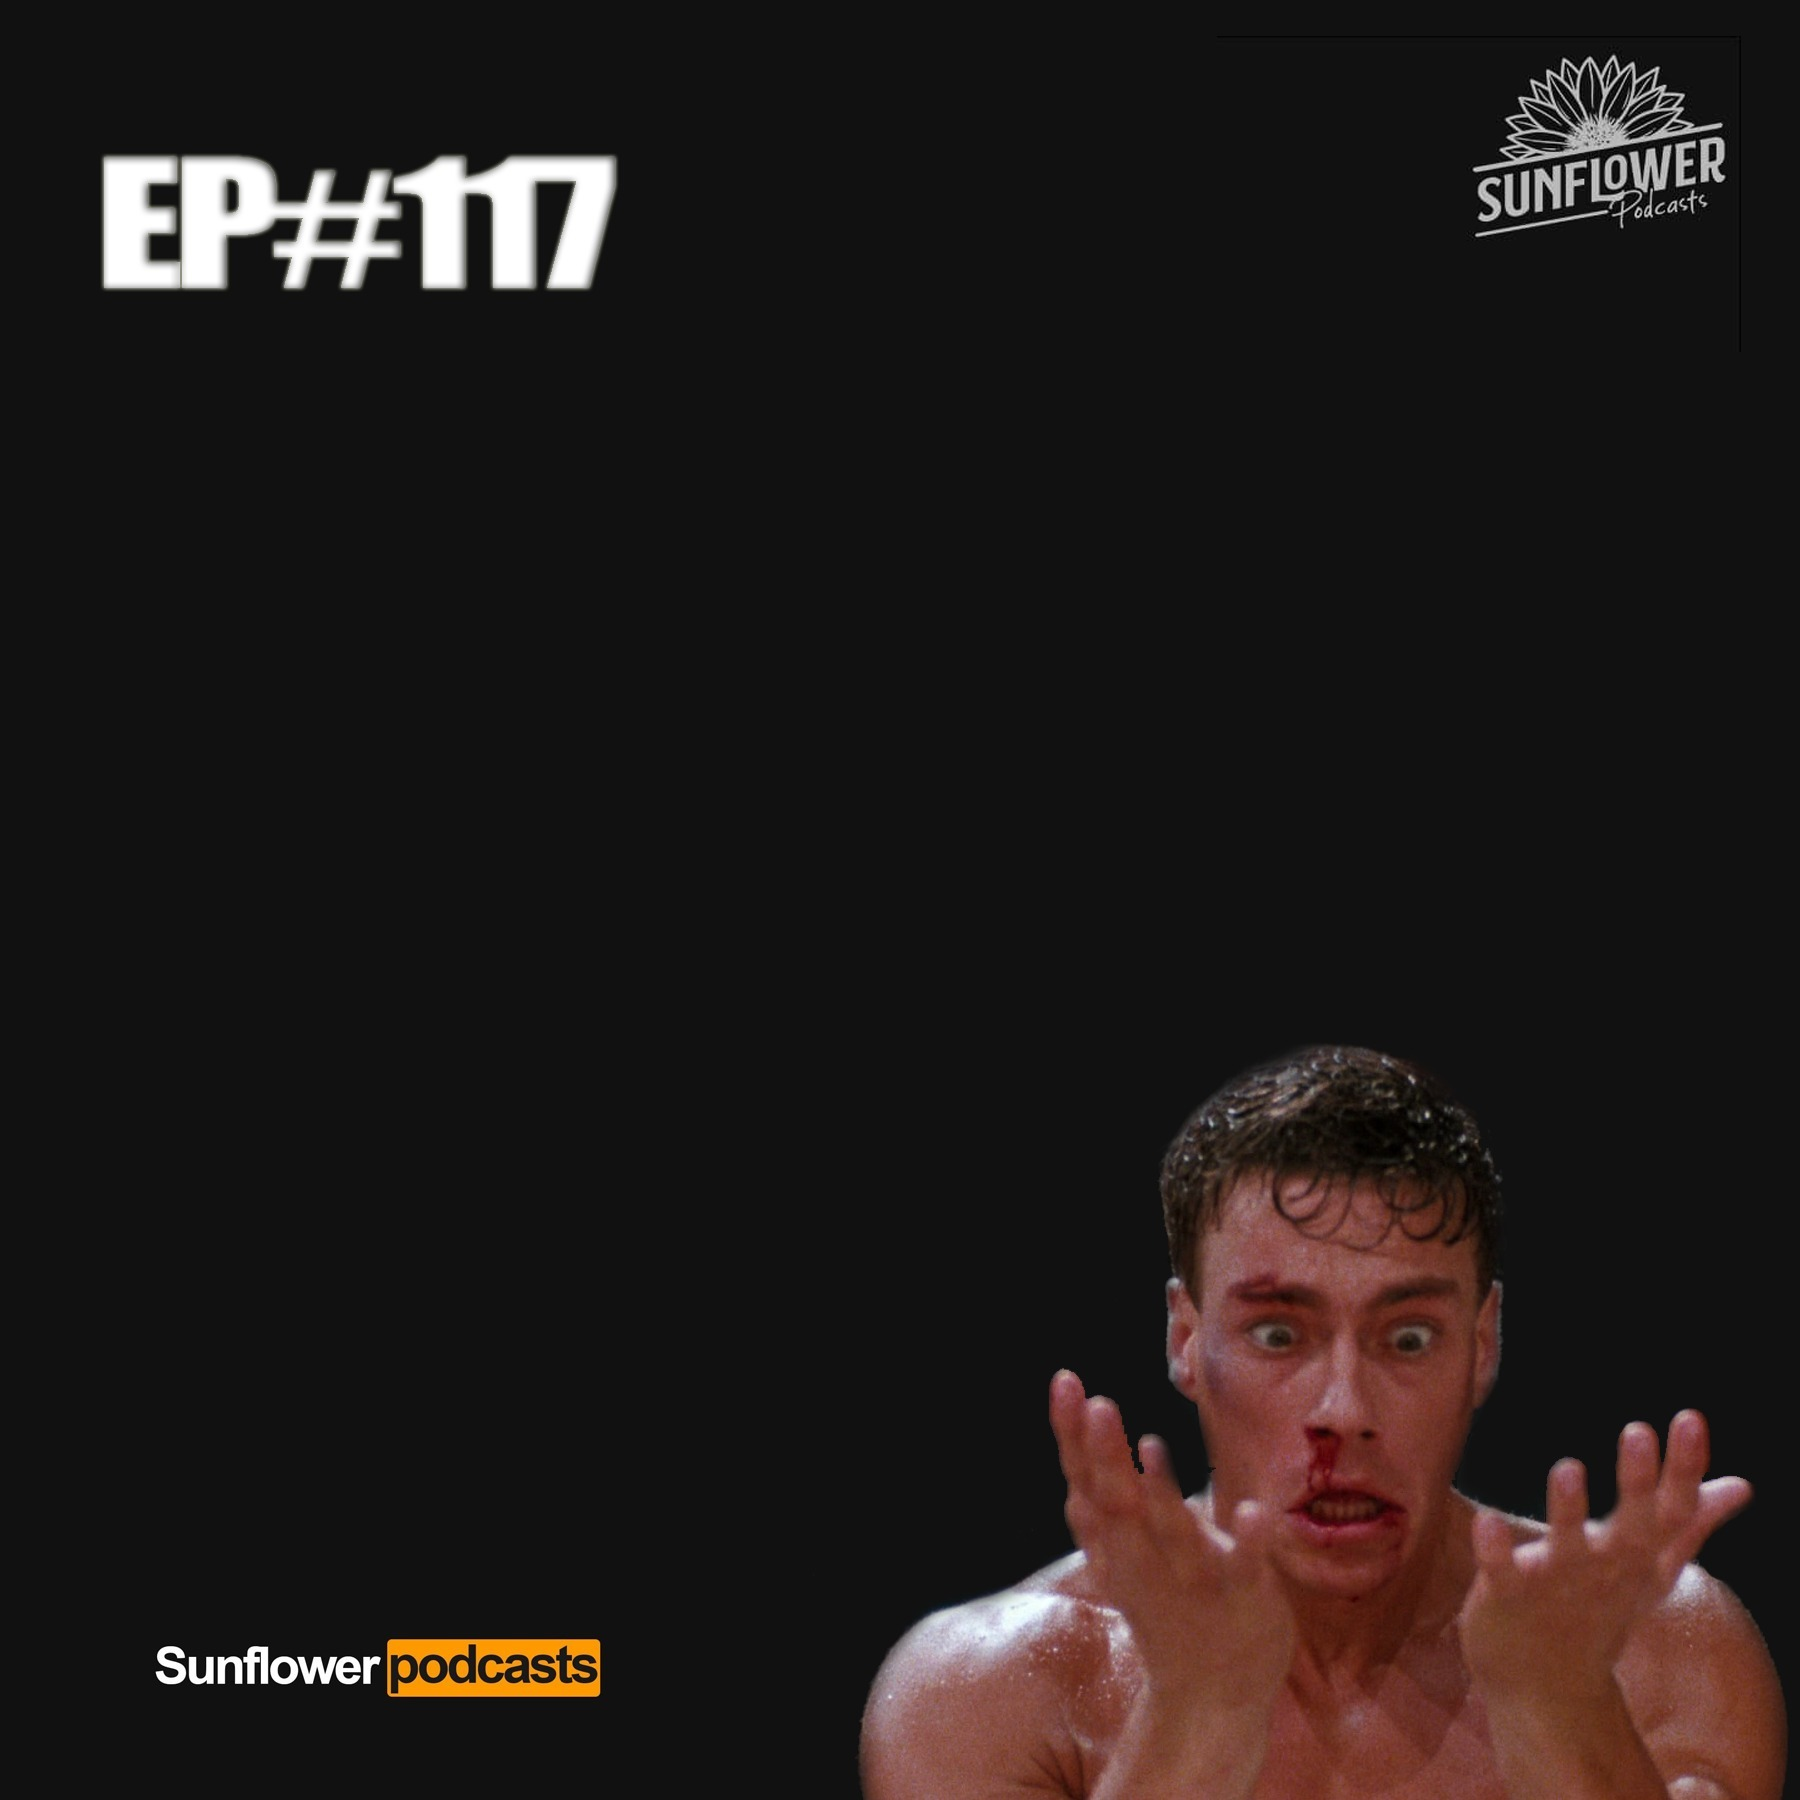 #117-Spoilers da Vida - Foi Van Damme que inventou a Cloroqu¡na. (Não foi)